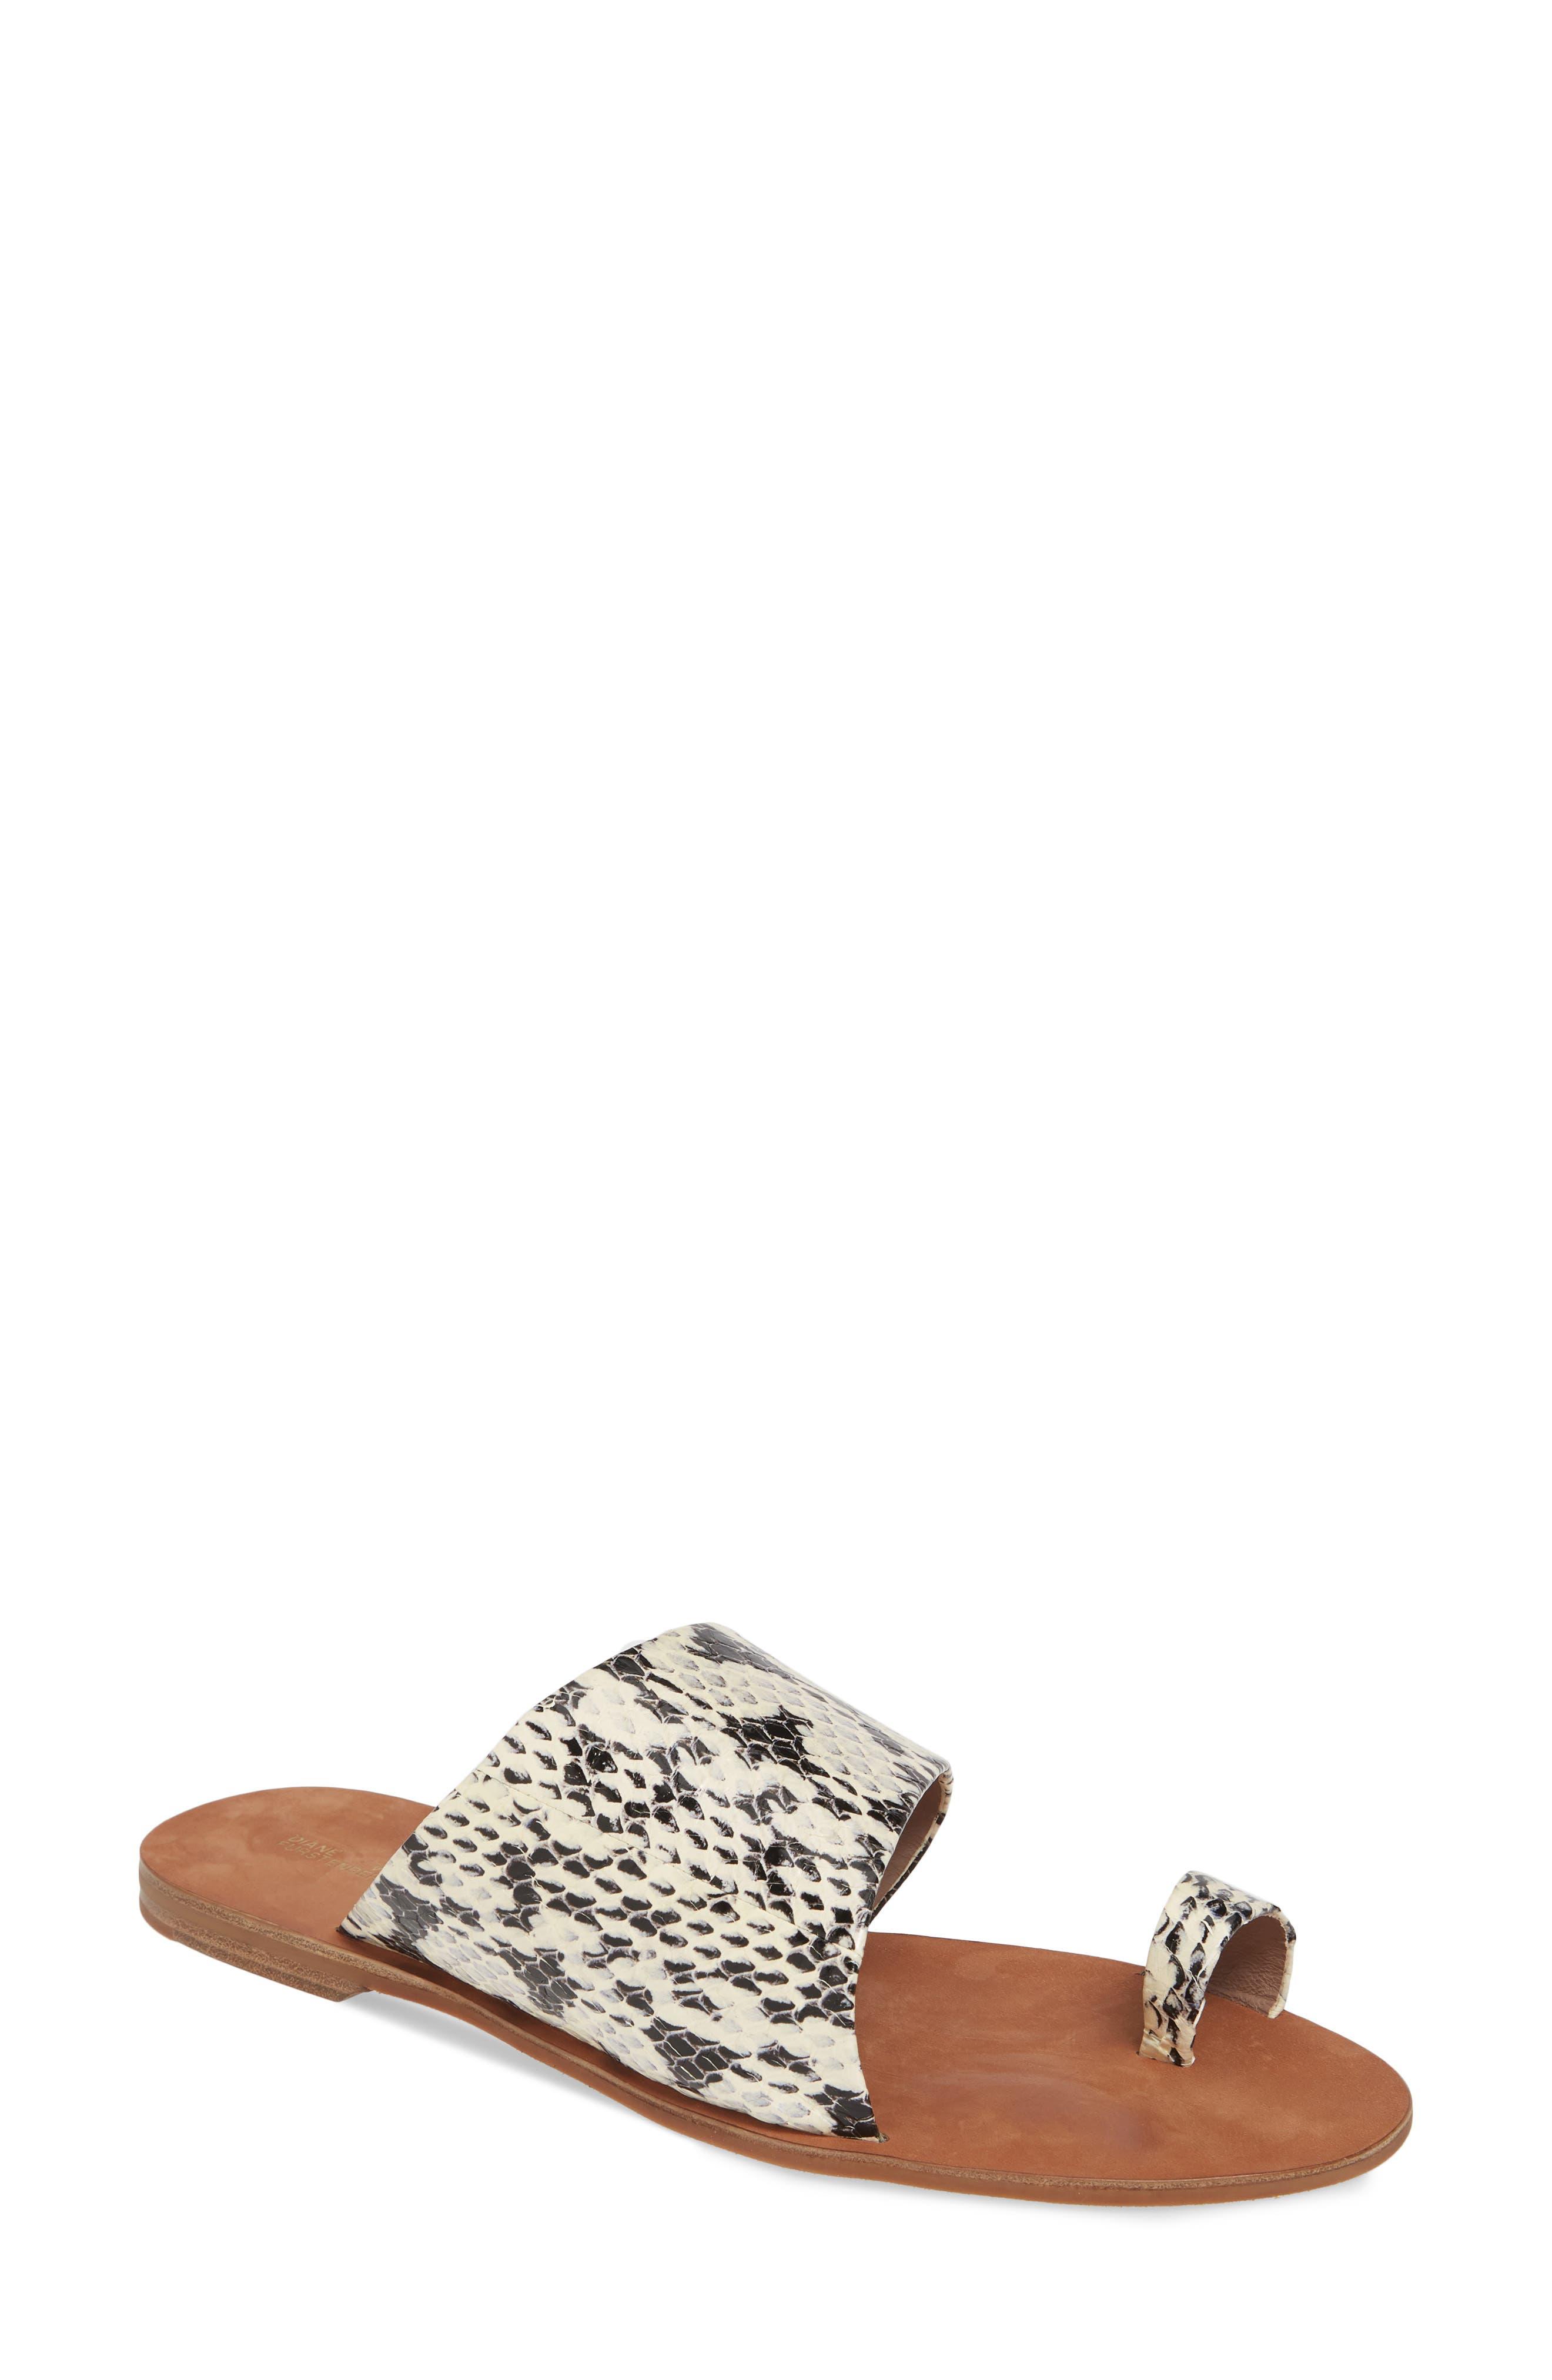 Diane Von Furstenberg Brittany Asymmetrical Flat Sandal, Beige